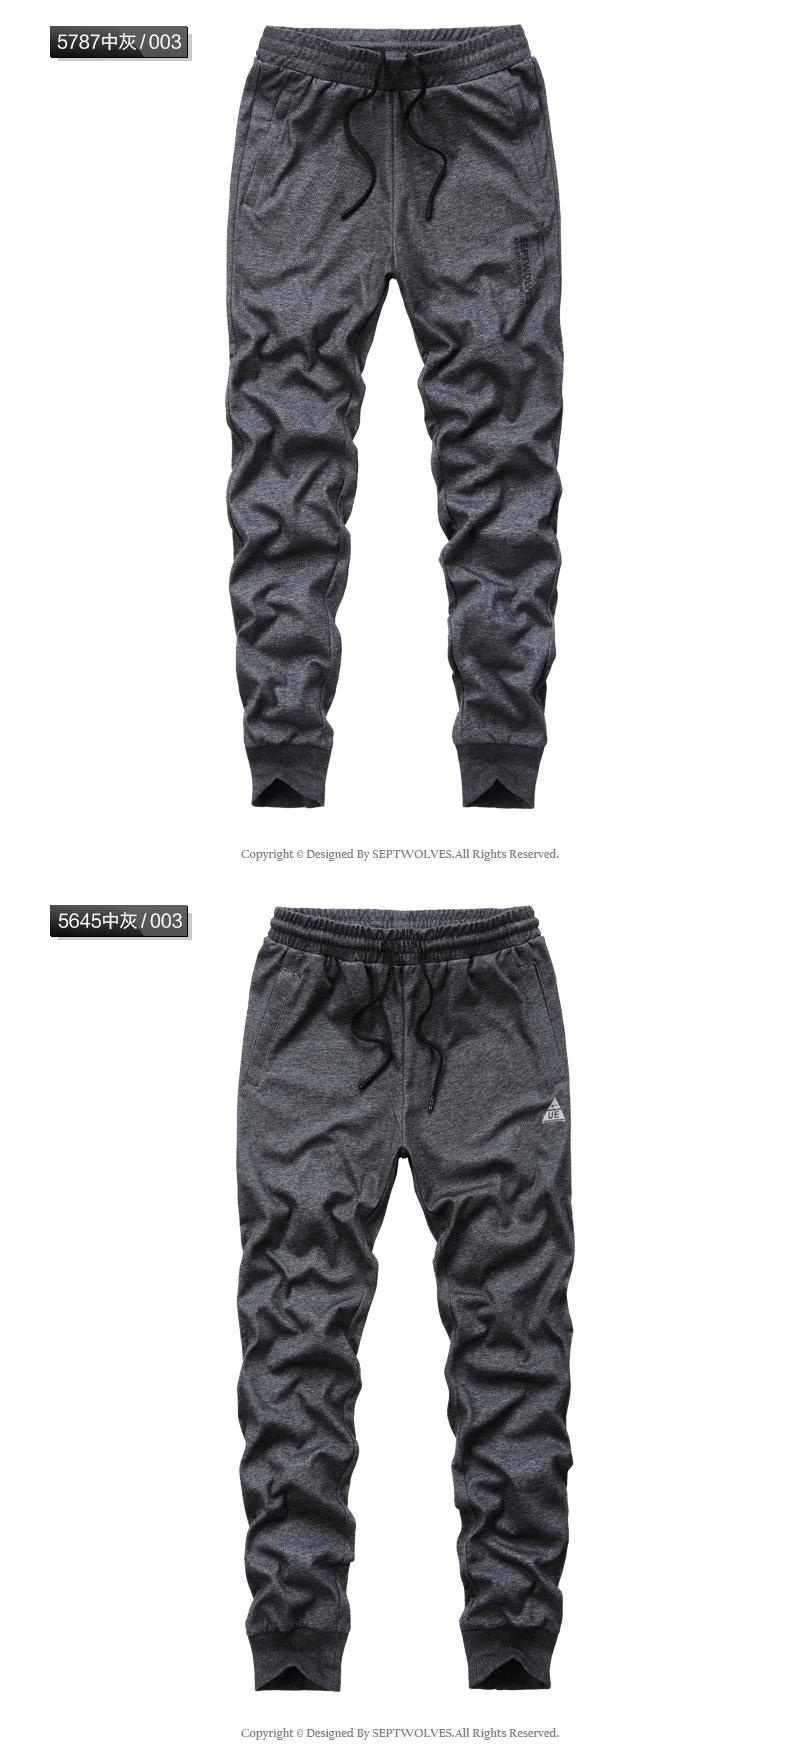 Bảy con sói thể thao quần nam mùa hè mỏng quần thanh niên triều thương hiệu chân quần quần màu đen người đàn ông giản dị quần chùm